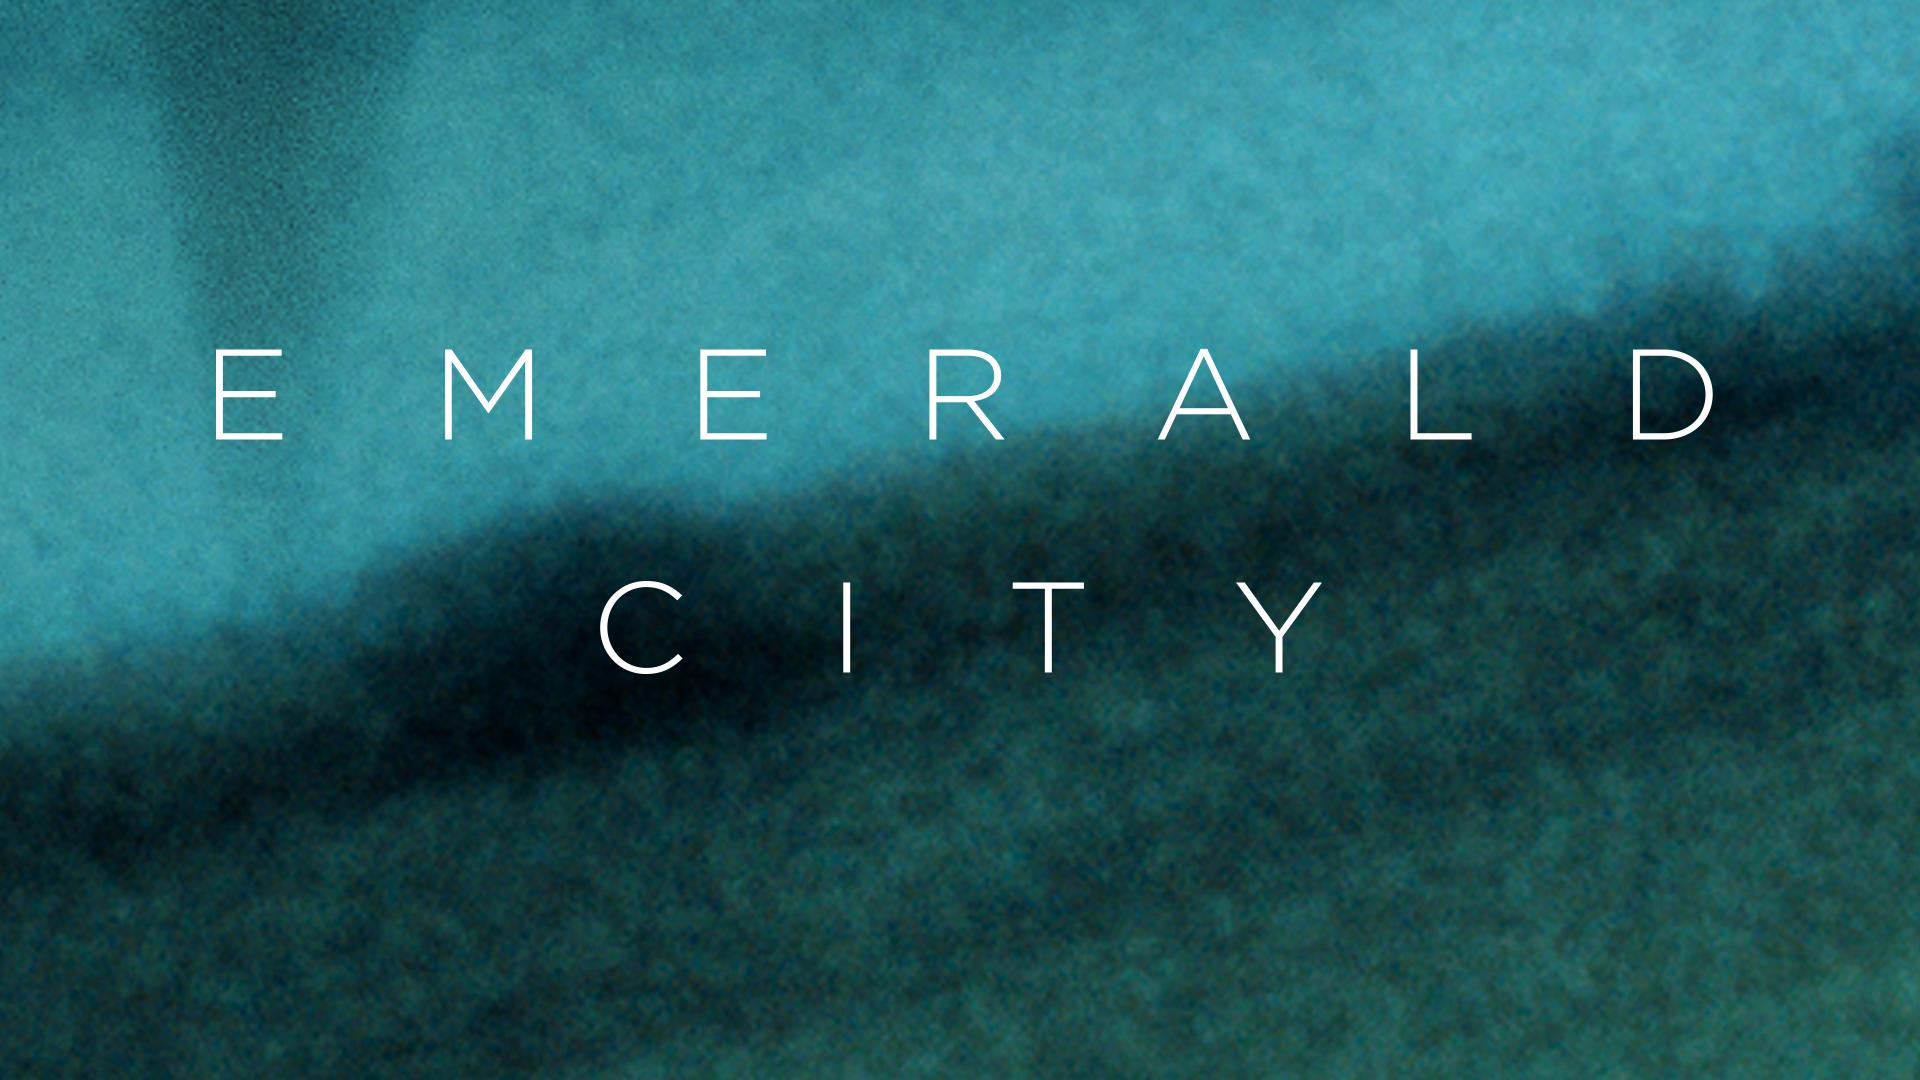 ผลการค้นหารูปภาพสำหรับ emerald city season 1 poster